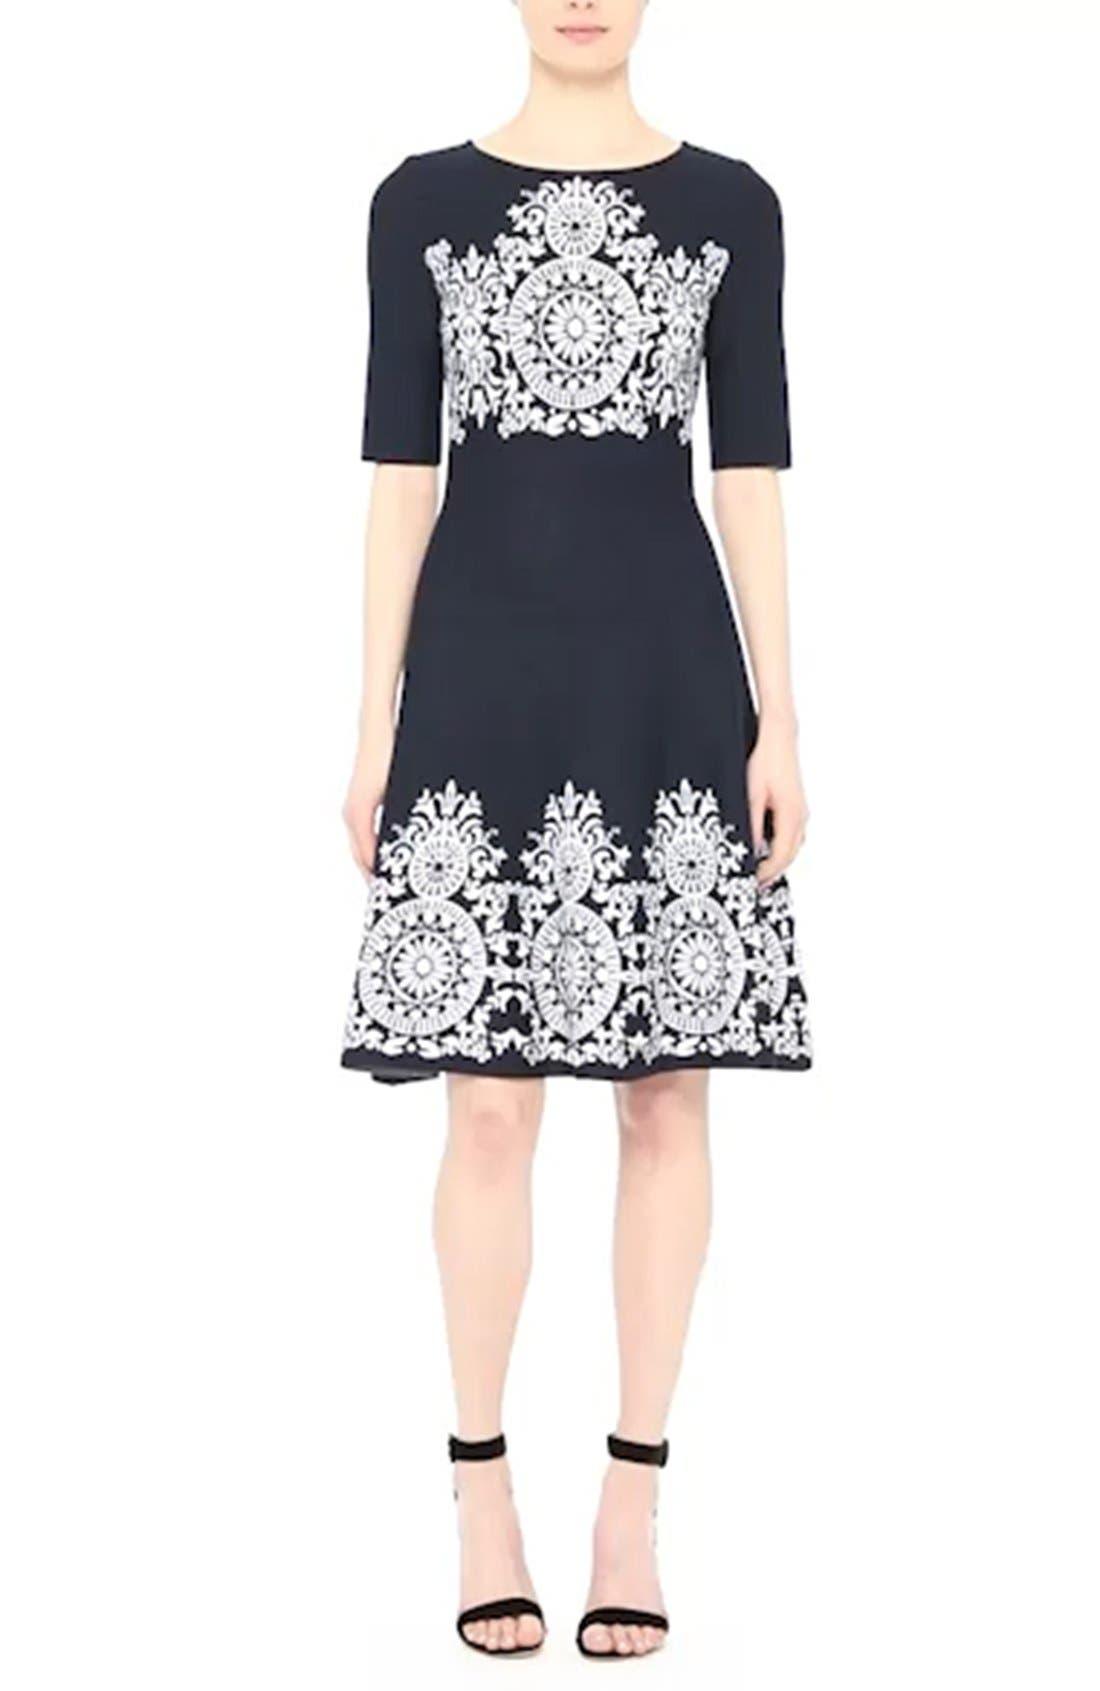 Nellore Jacquard Knit Fit & Flare Dress,                             Alternate thumbnail 7, color,                             410